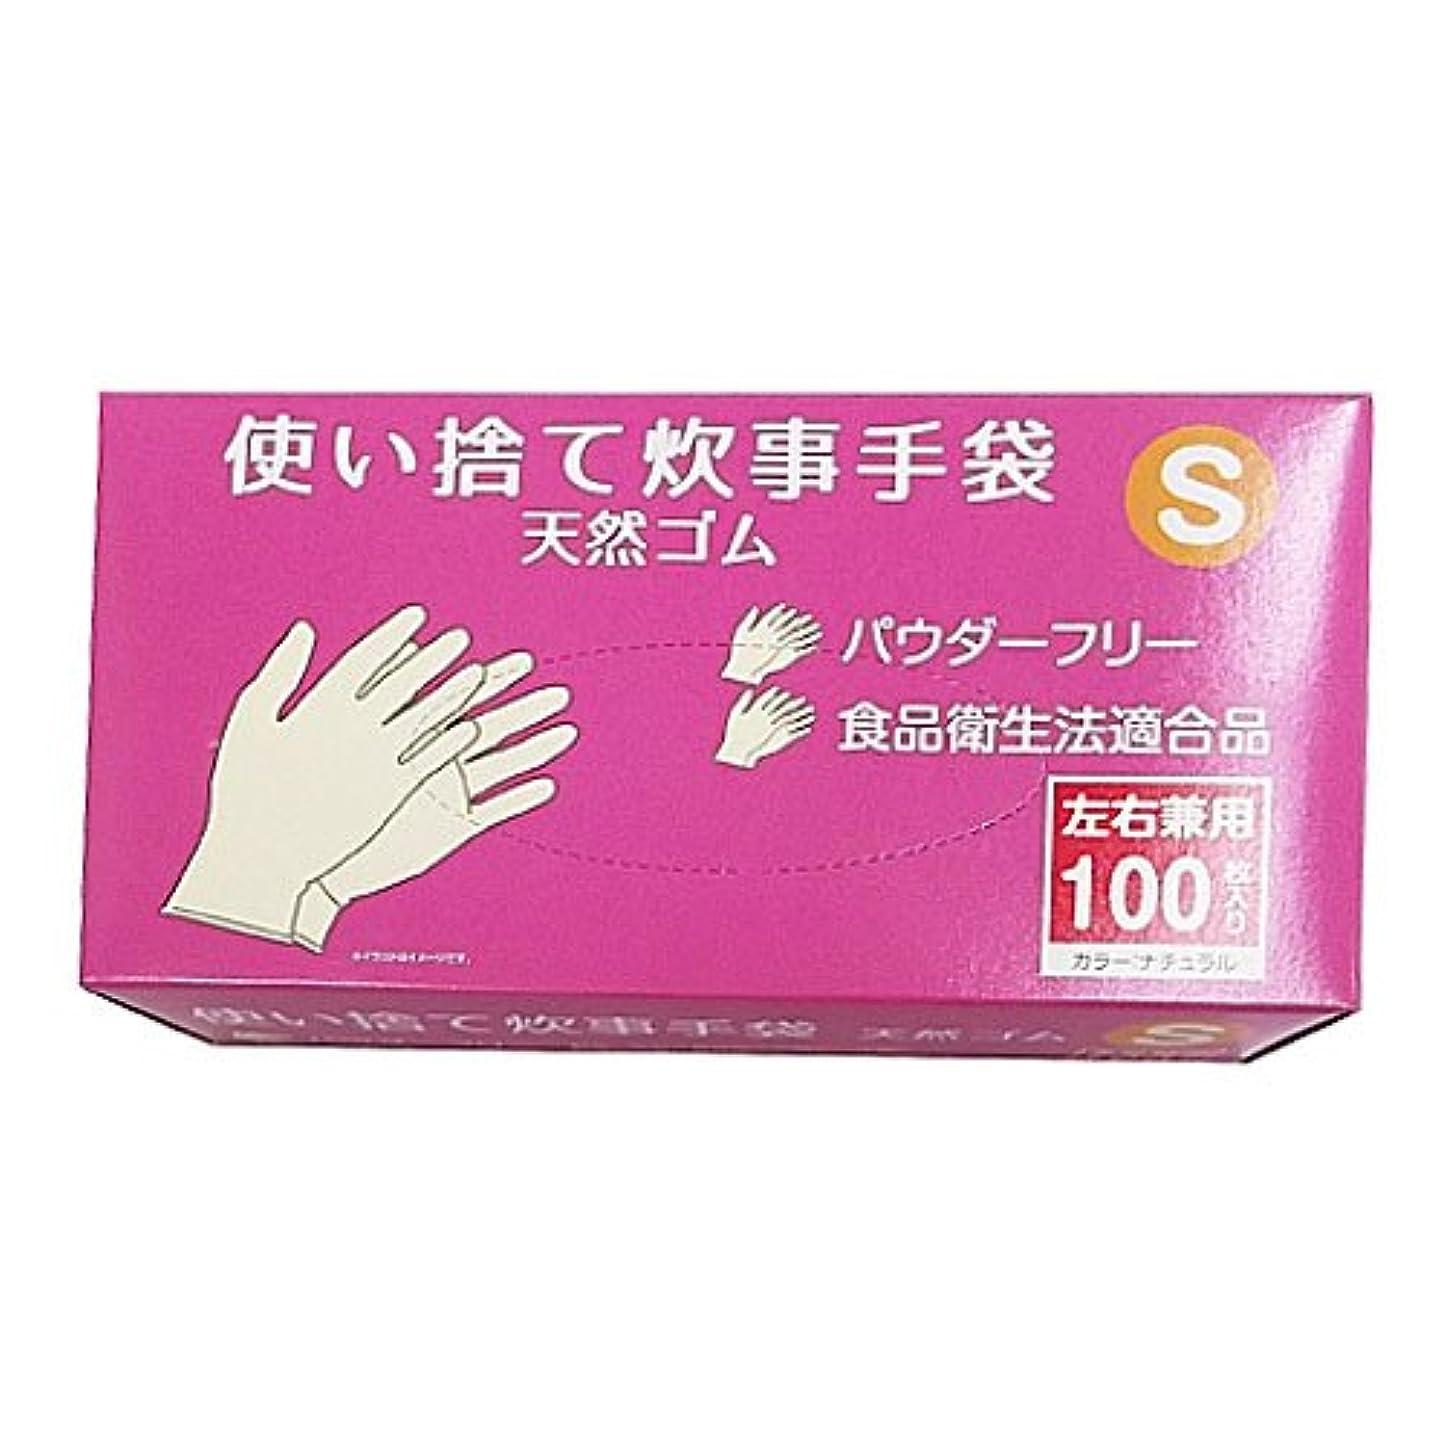 補体隠されたくまコーナンオリジナル 使い捨て 炊事手袋 天然ゴム 100枚入り S